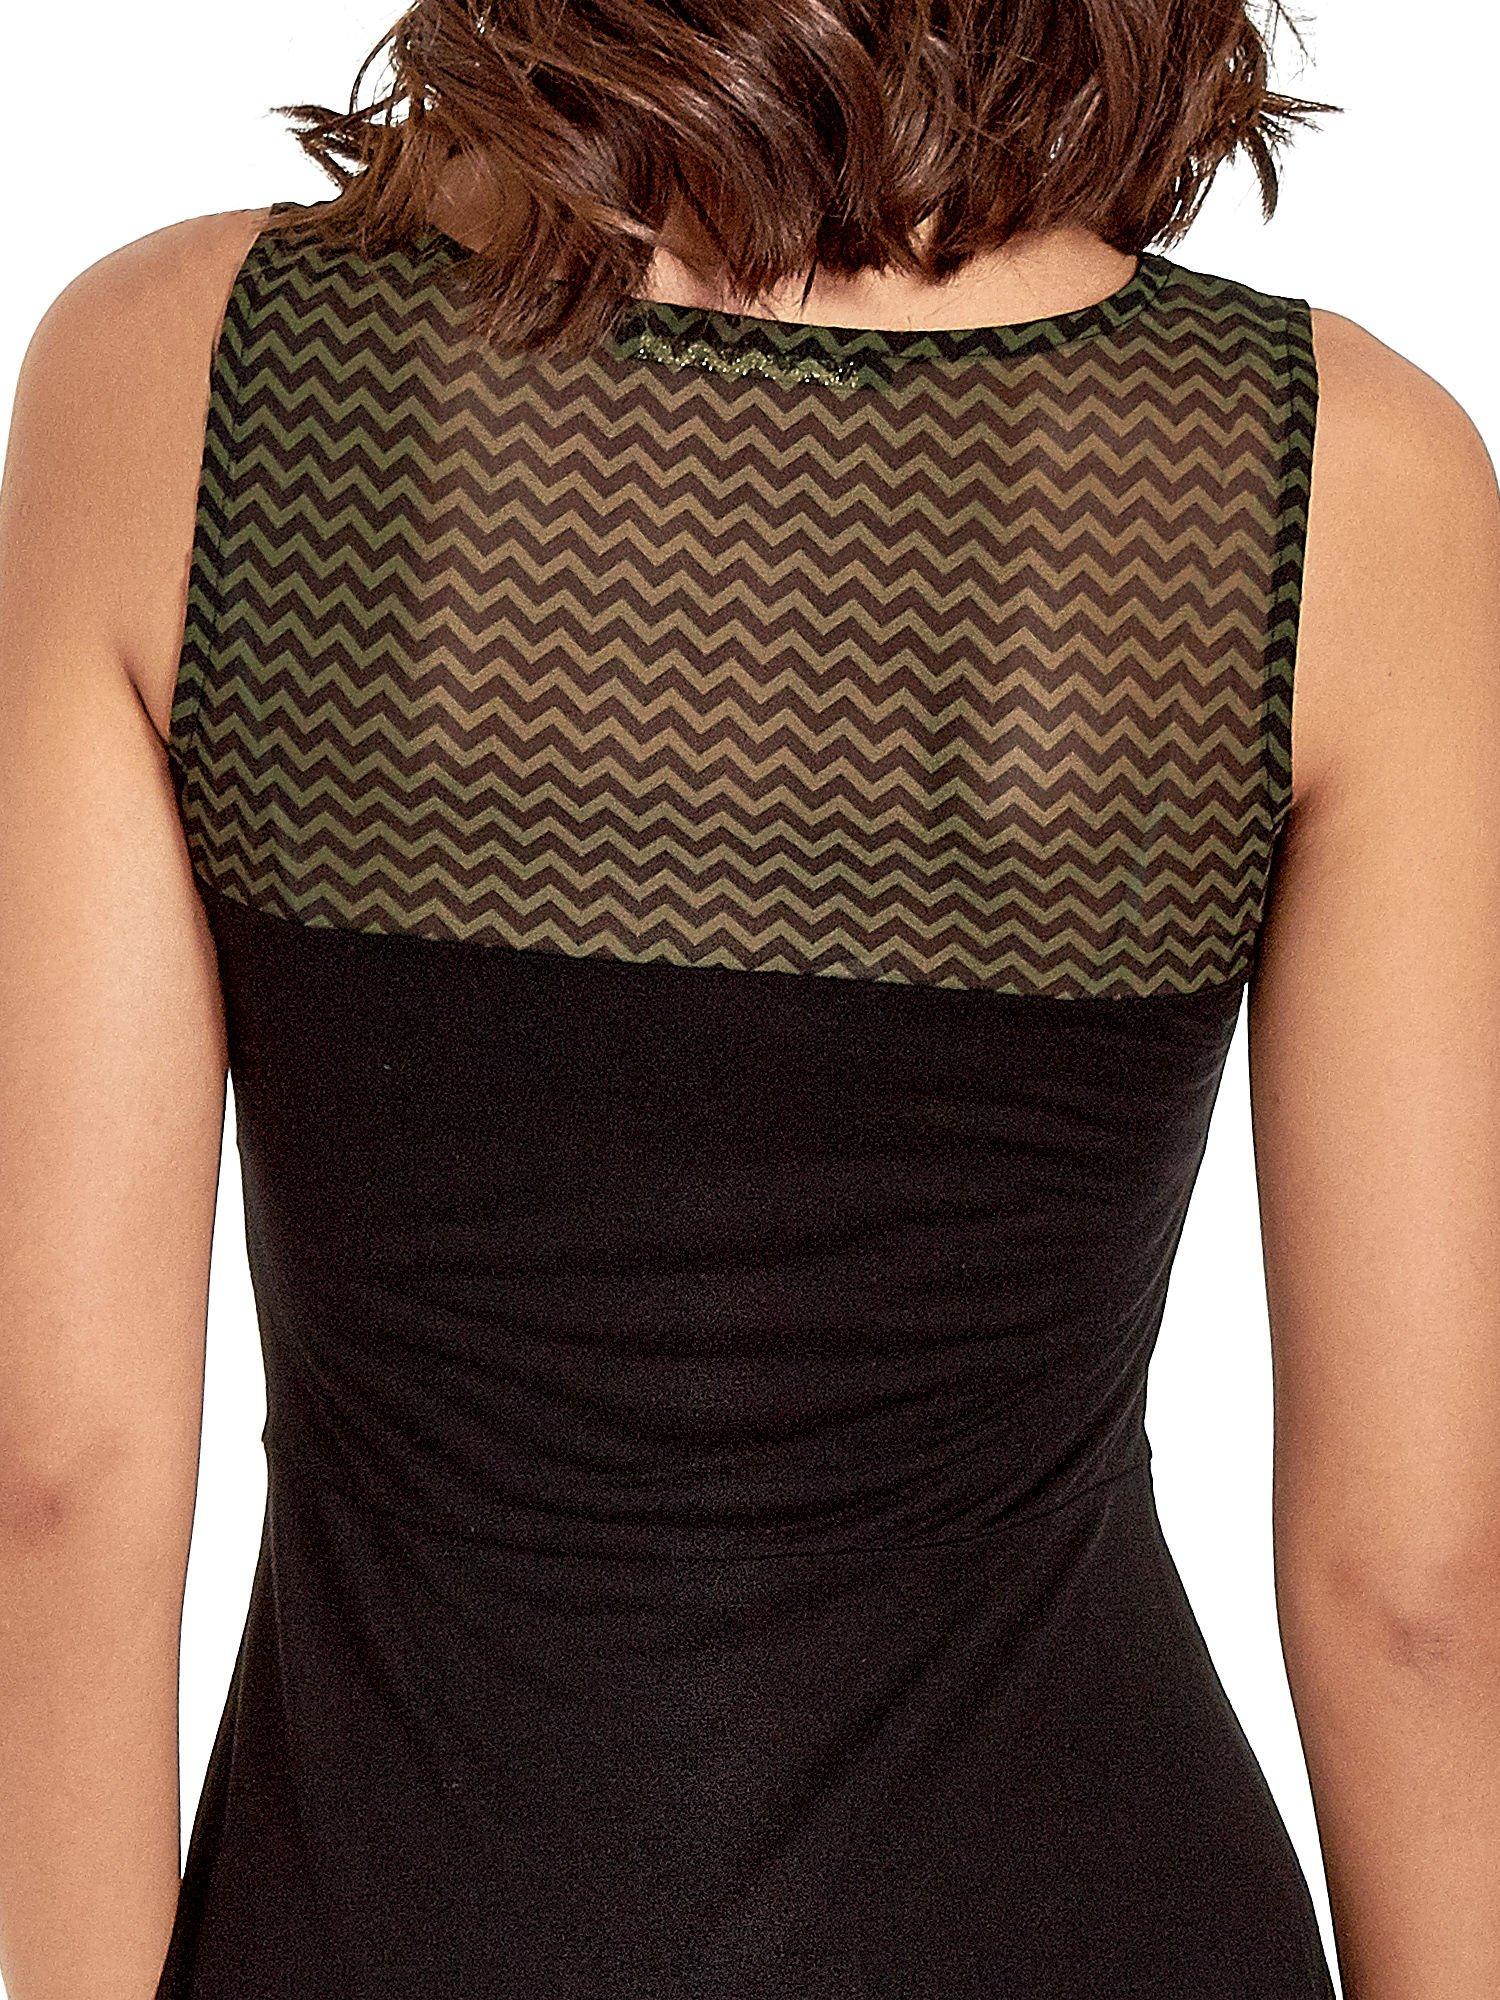 Czarna sukienka z zieloną wstawką na górze i falbaną                                  zdj.                                  6